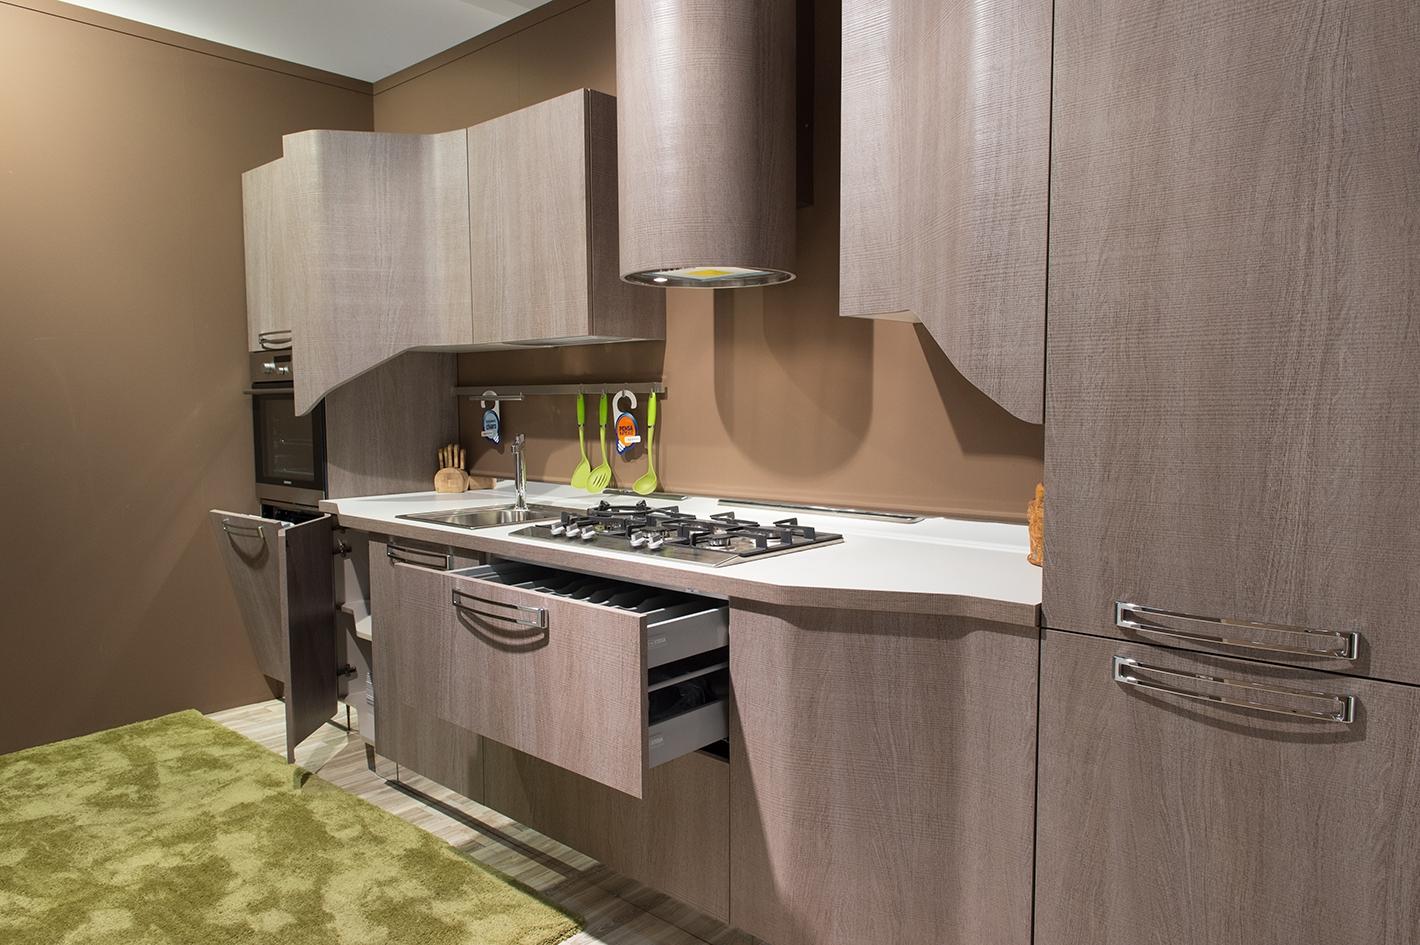 Cucina Stosa MILLY In Promozione 21451 Cucine A Prezzi Scontati #9E612D 1420 945 Cucine Veneta O Stosa